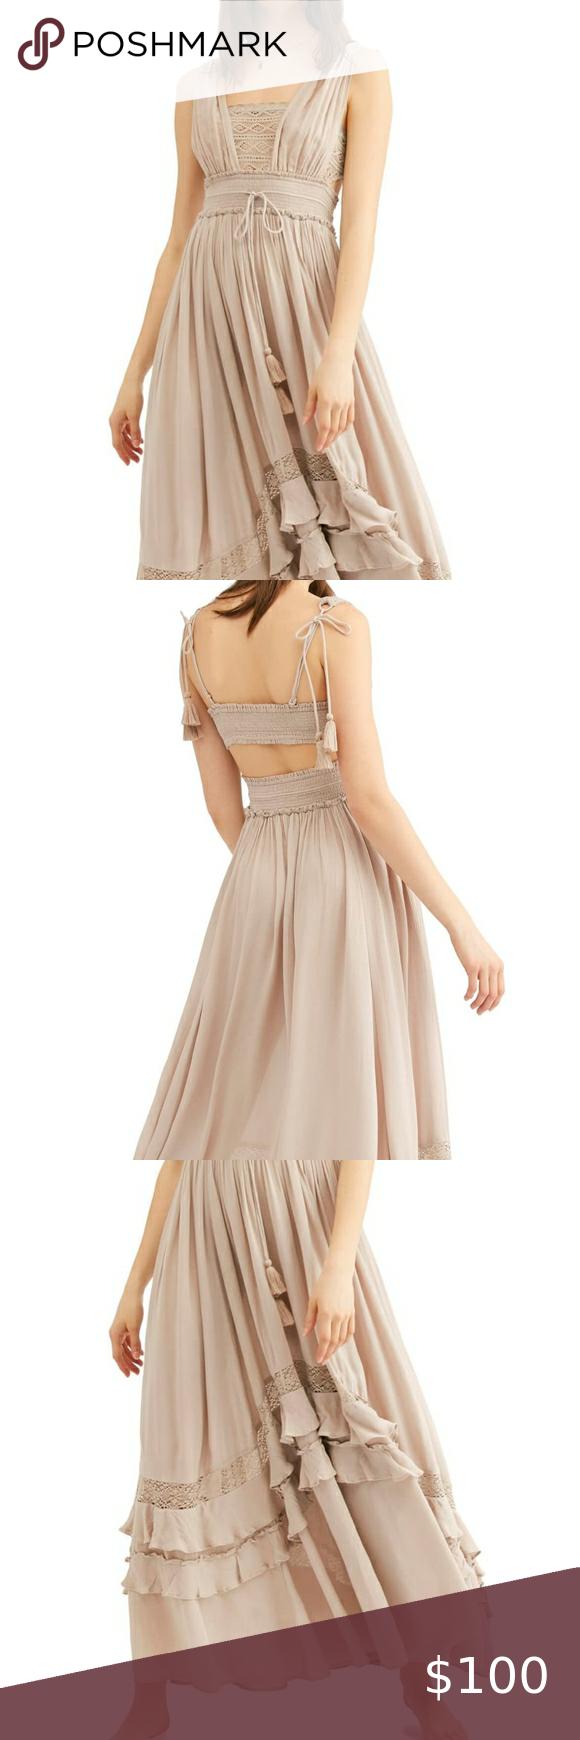 Free People Santa Maria Maxi Dress Plunge Maxi Dress Dresses Size 12 Maxi Dress [ 1740 x 580 Pixel ]